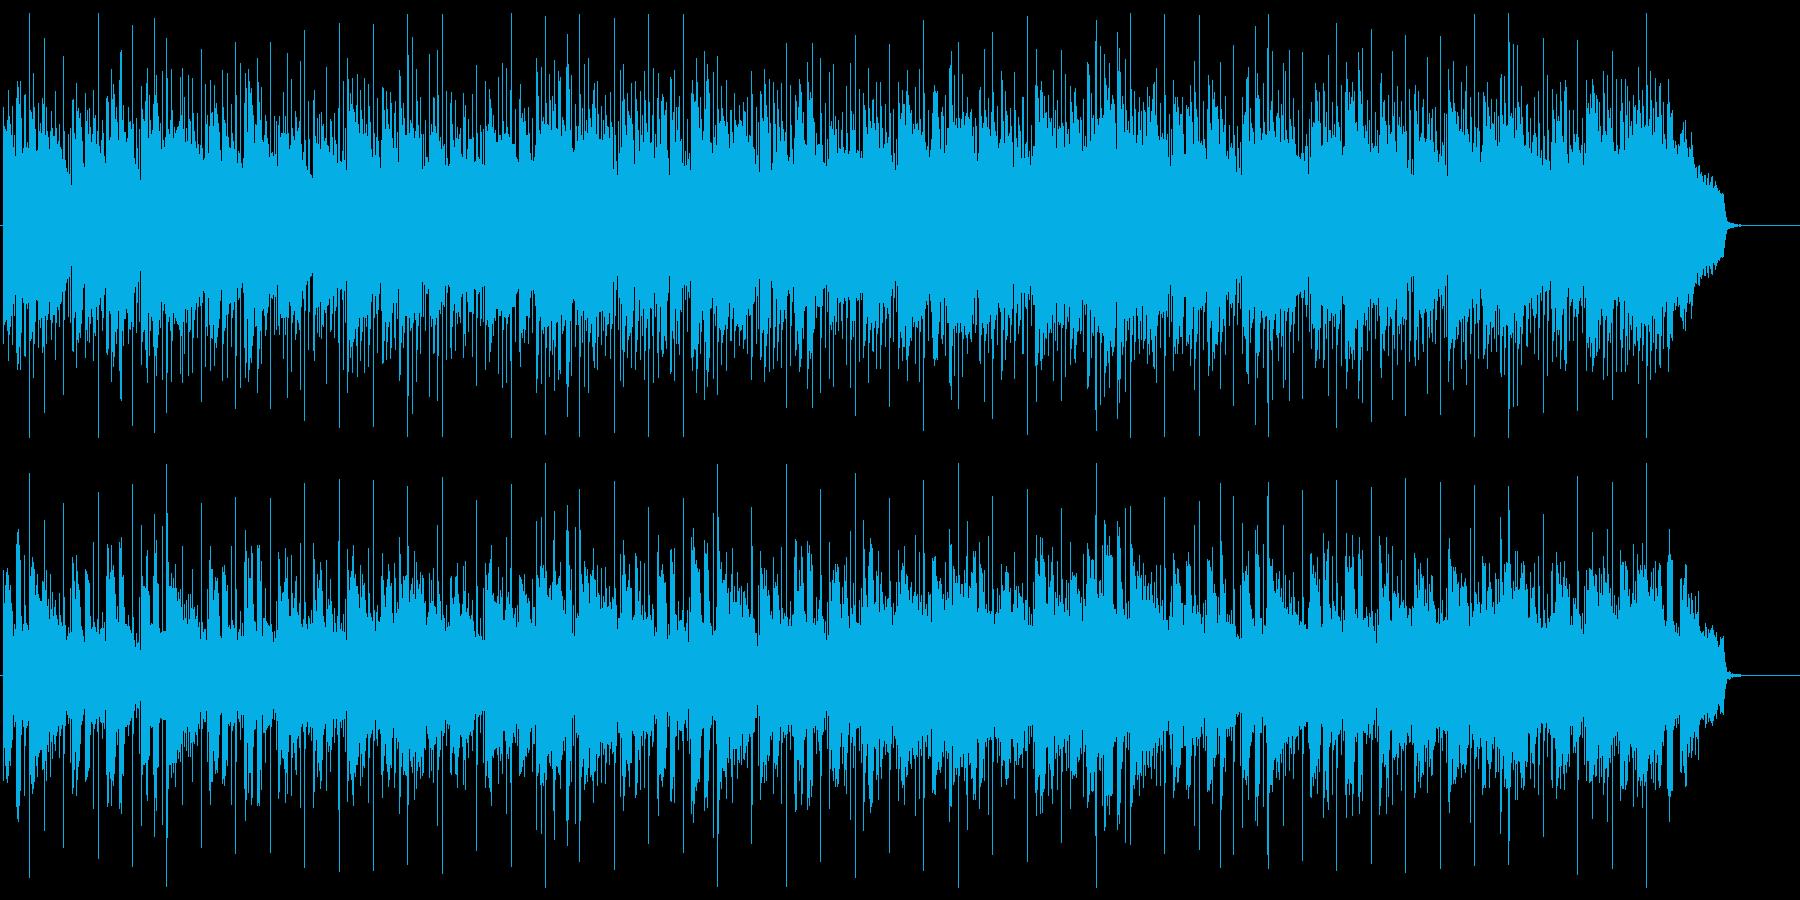 緩やかでまろやかなリラクゼーションBGMの再生済みの波形